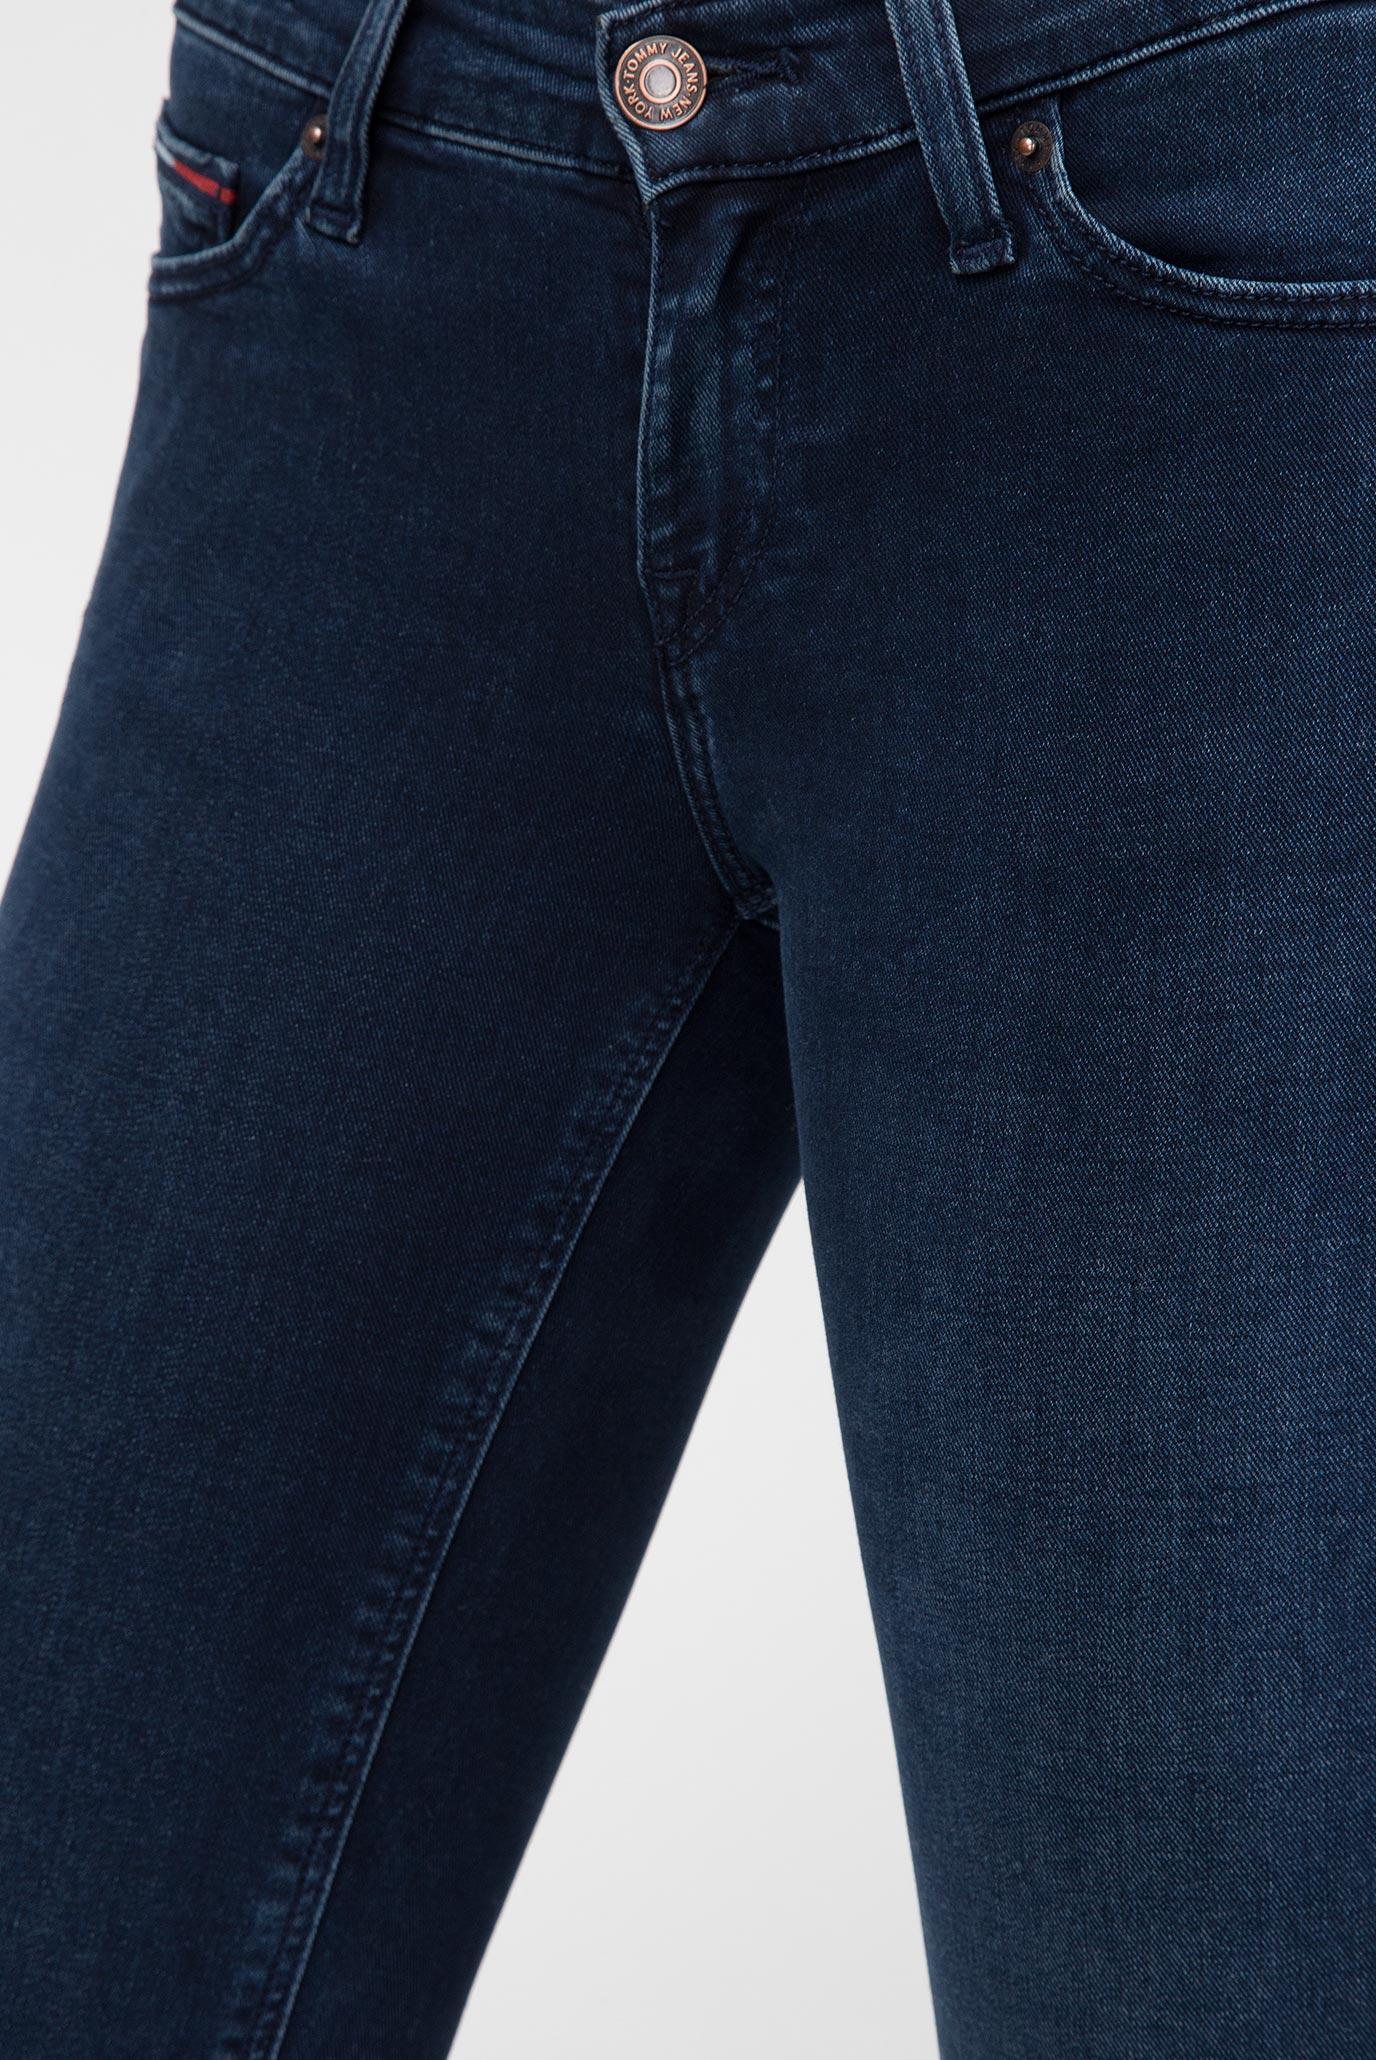 Купить Женские синие джинсы MID RISE SKINNY NORA Tommy Hilfiger Tommy Hilfiger DW0DW04739 – Киев, Украина. Цены в интернет магазине MD Fashion